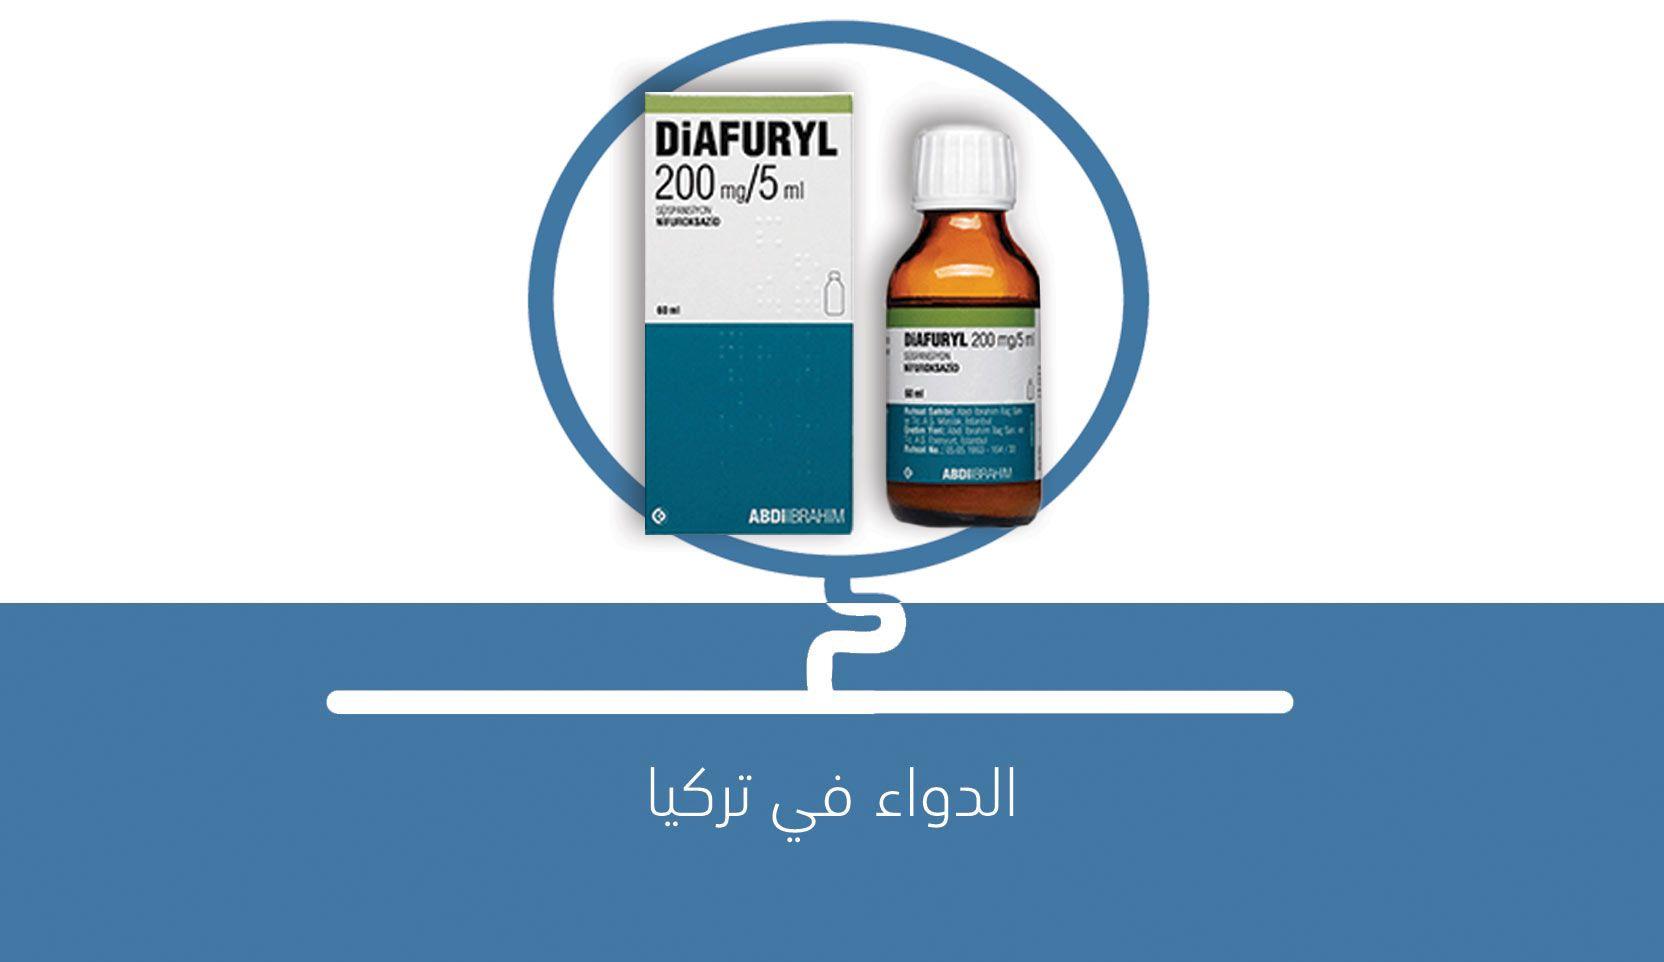 دواء ديافيوريل Diafuryl